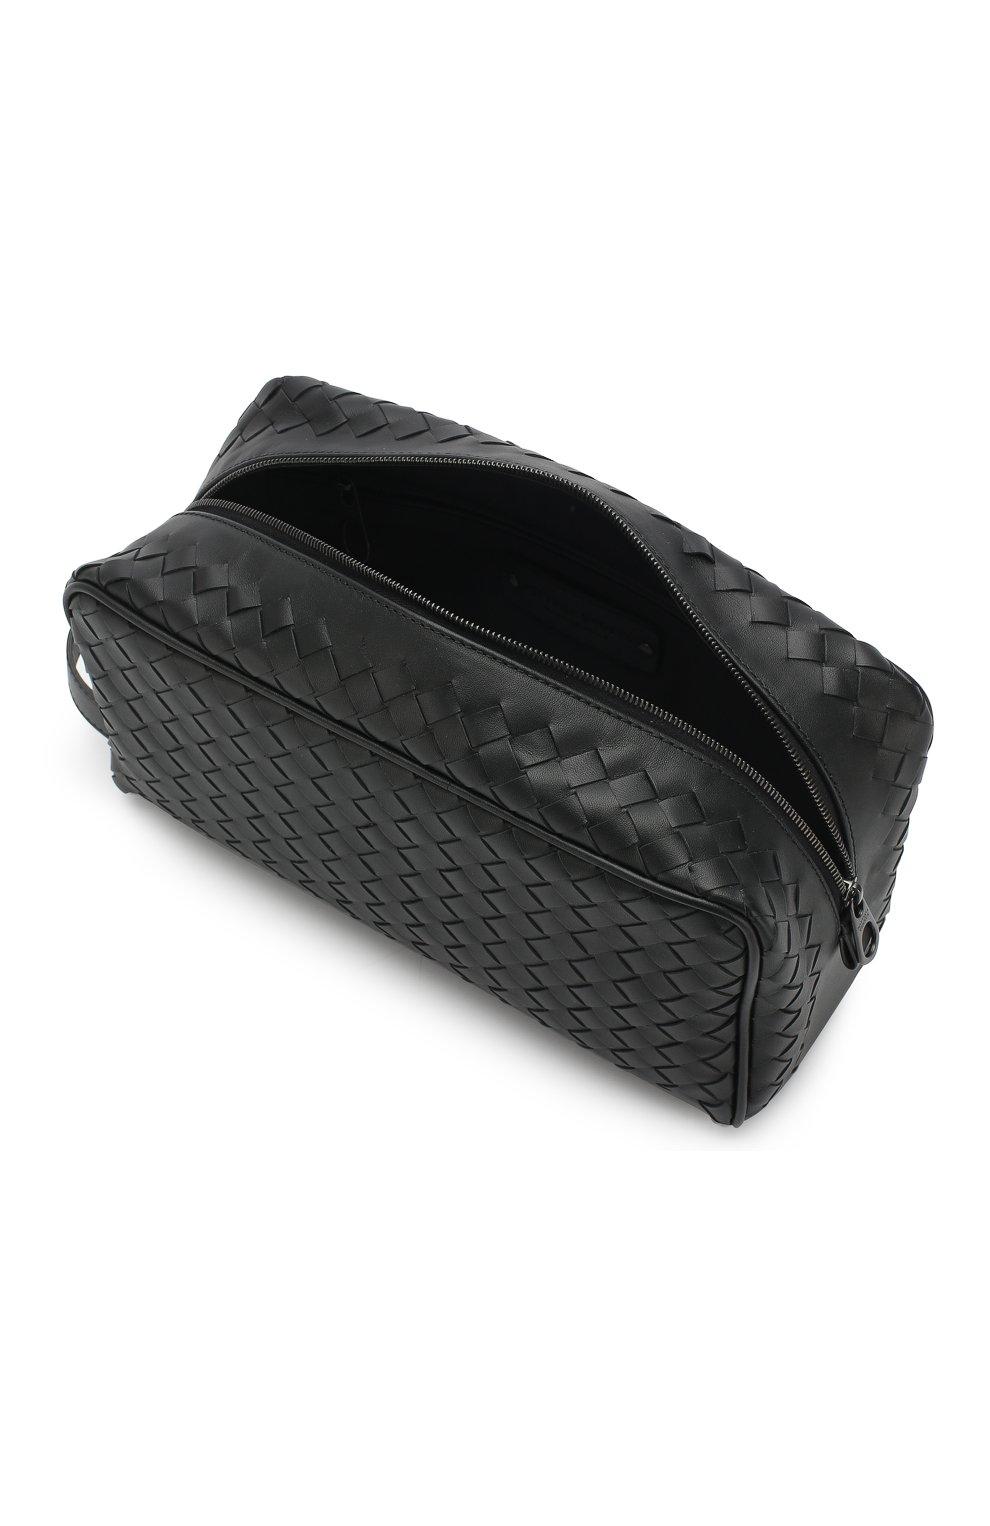 ec082cdbacf0 Мужские дорожные сумки Liu Jo купить в интернет-магазине ЦУМ - товар  распродан